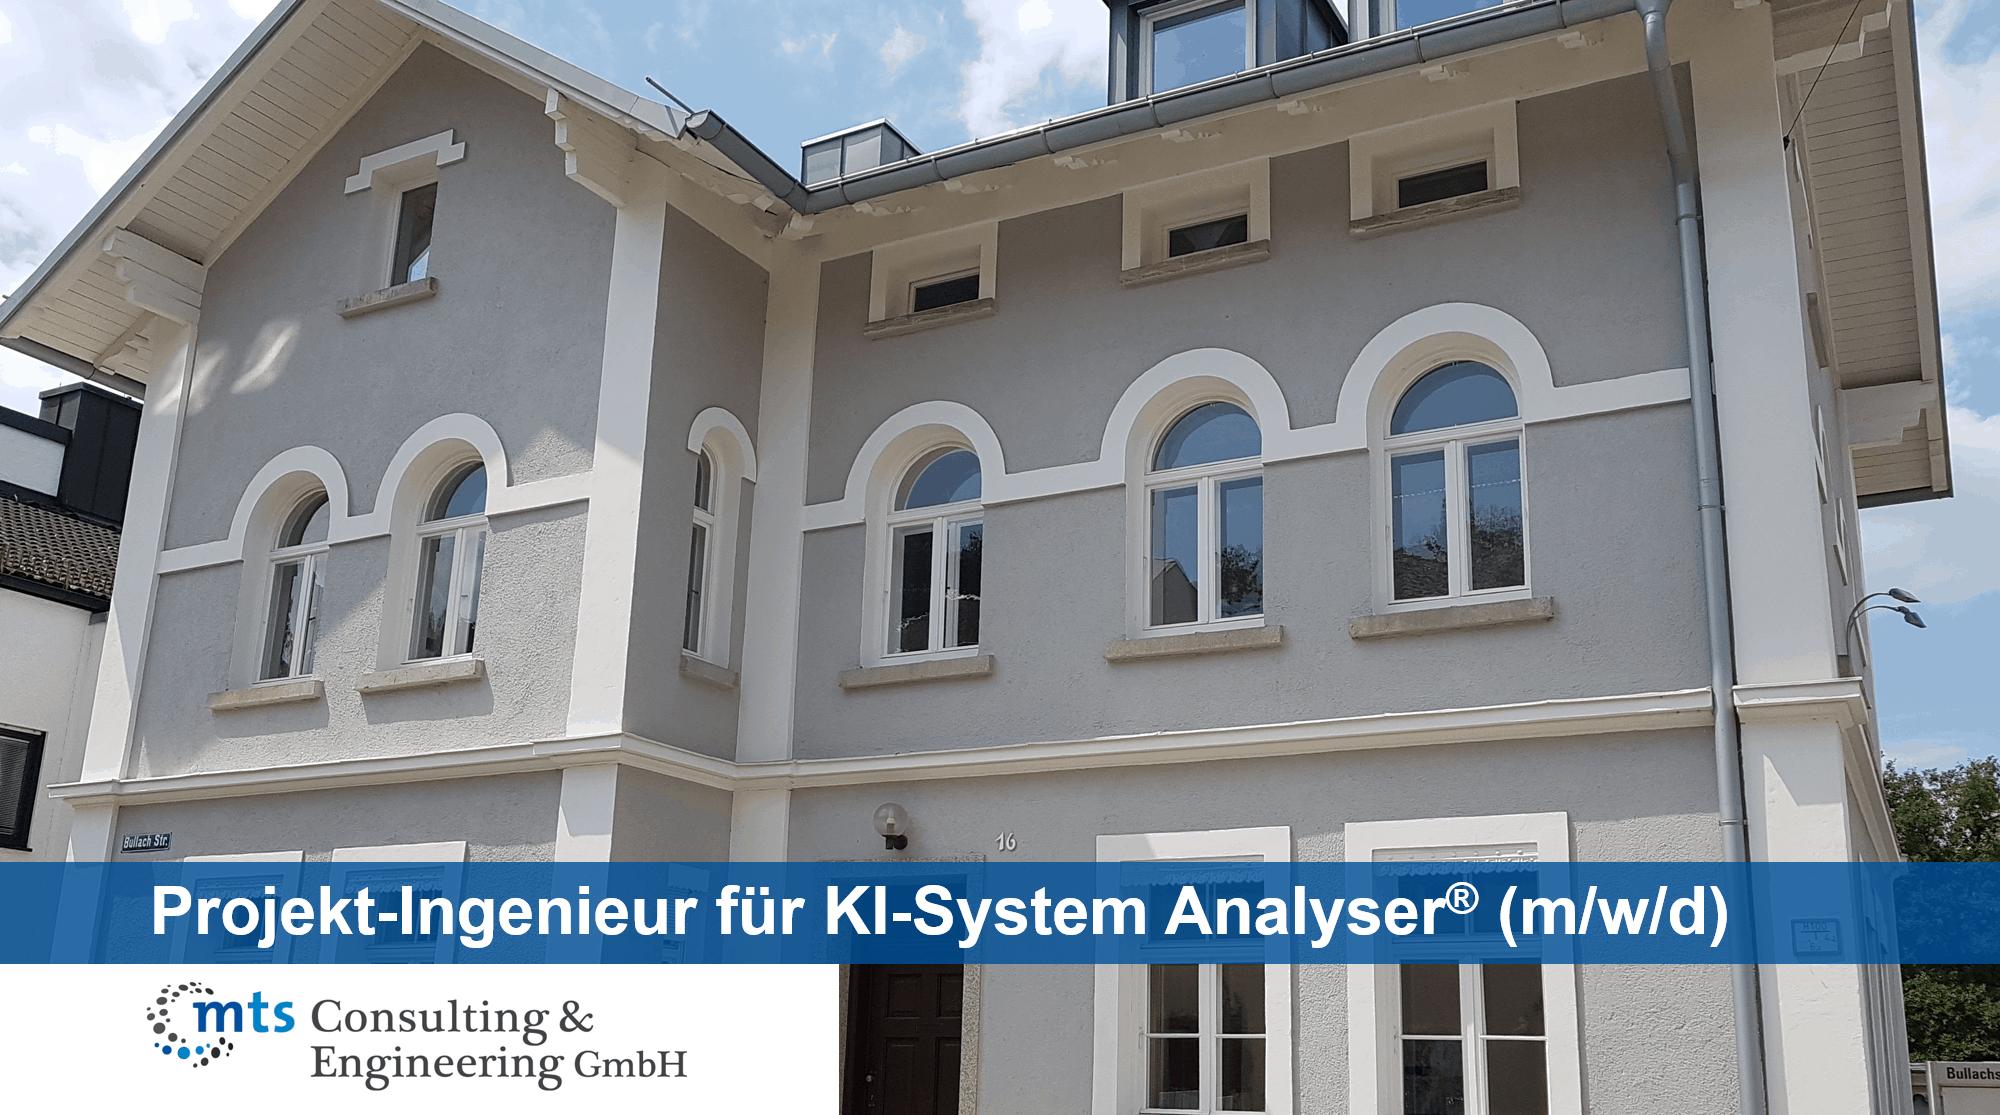 Projekt-Ingenieur für KI-System Analyser® (m/w/d)